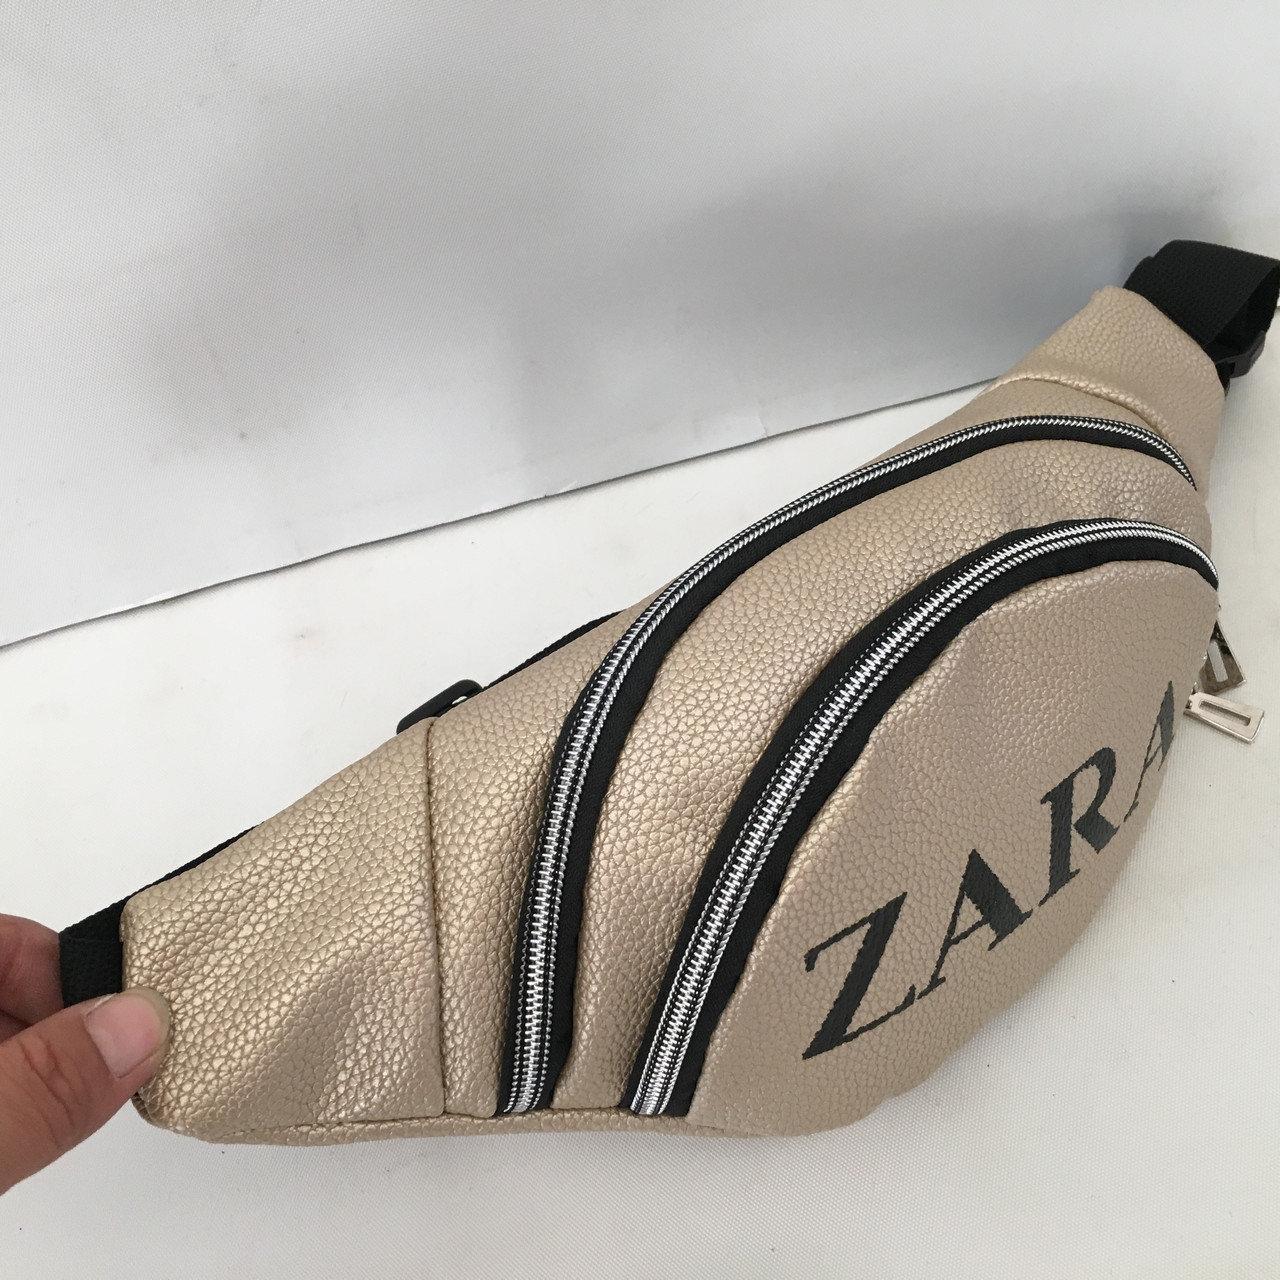 Бананка поясная сумка/ сумка на пояс женская ZARA экокожа. 3